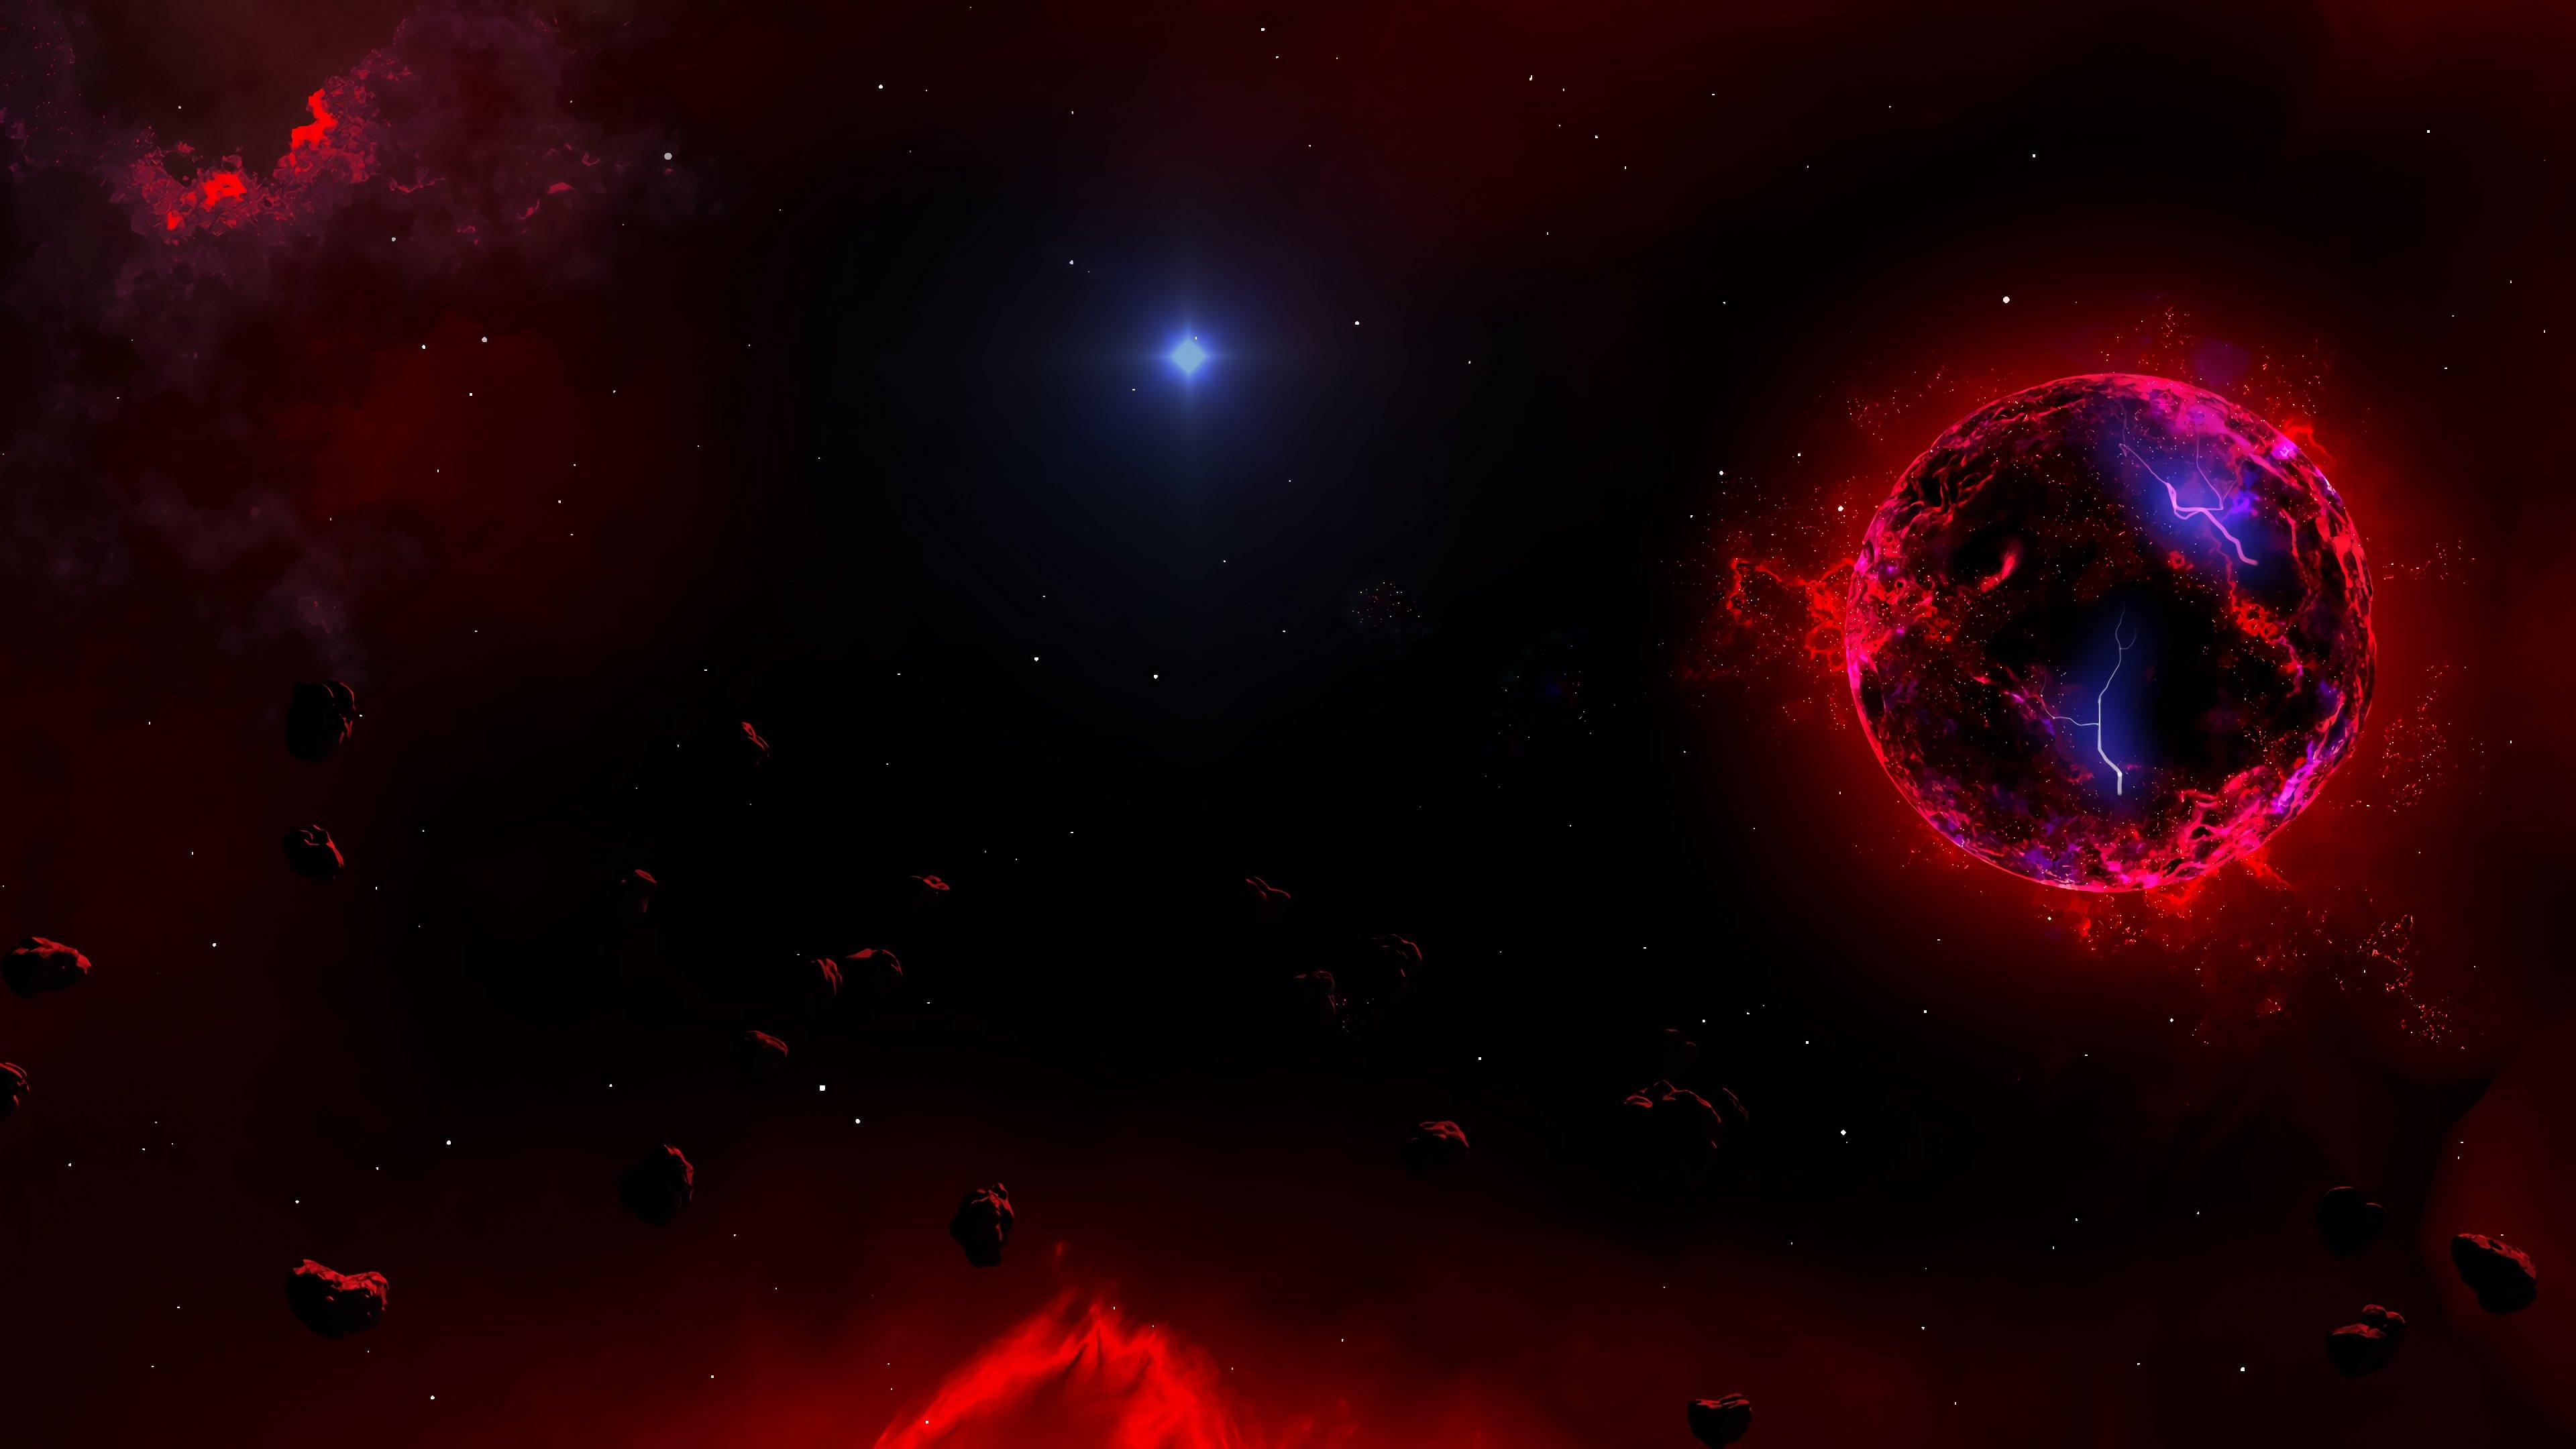 Fondos de pantalla Planeta en fuego